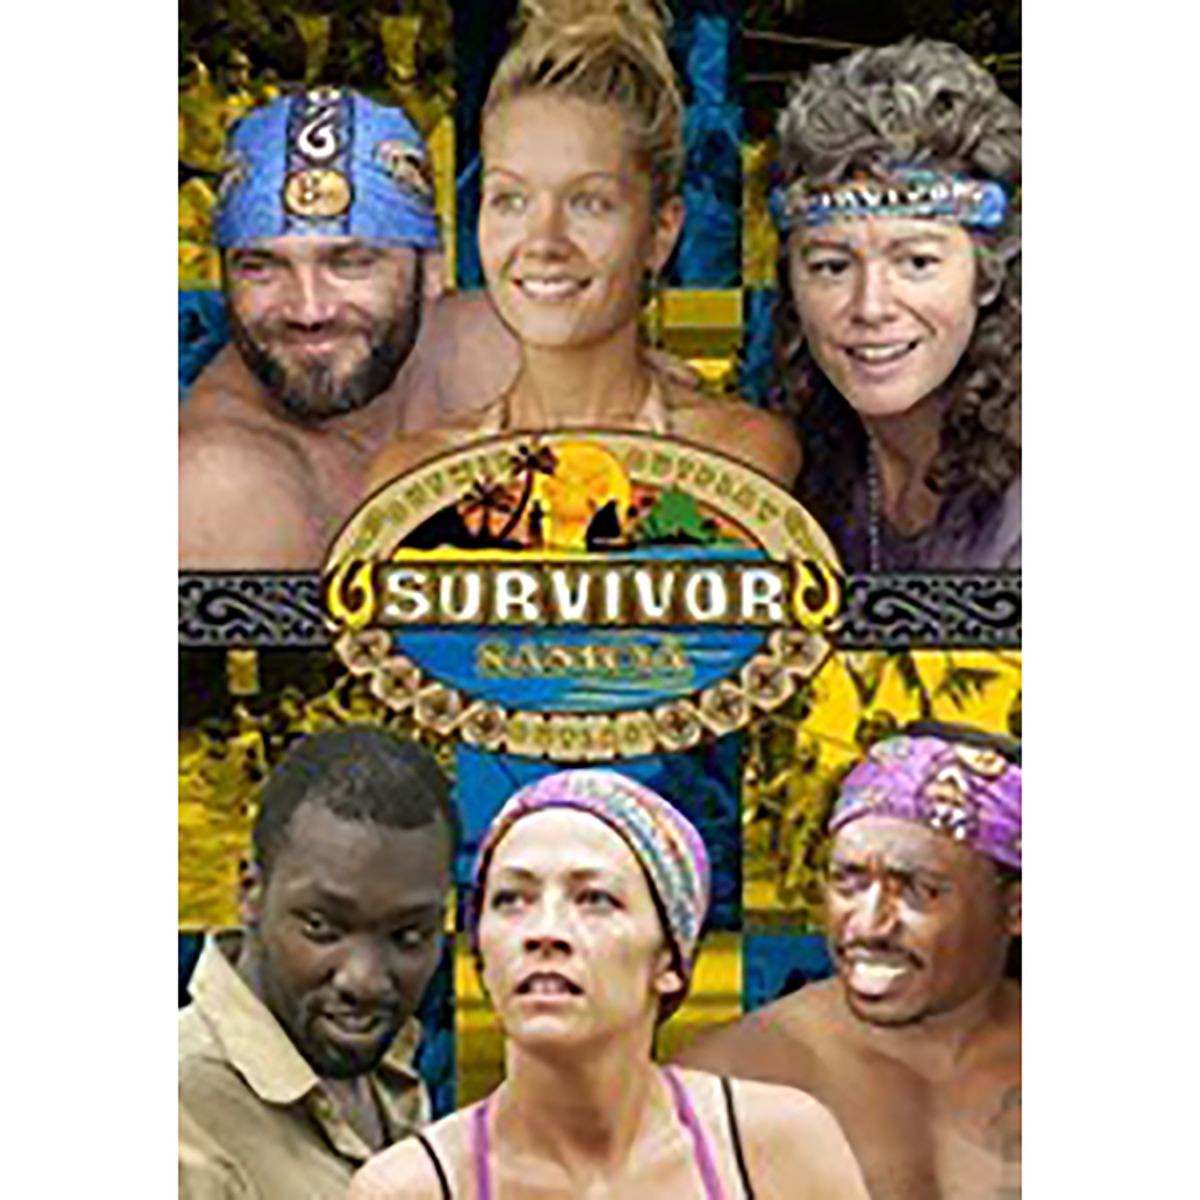 Survivor: Season 19 - Samoa DVD